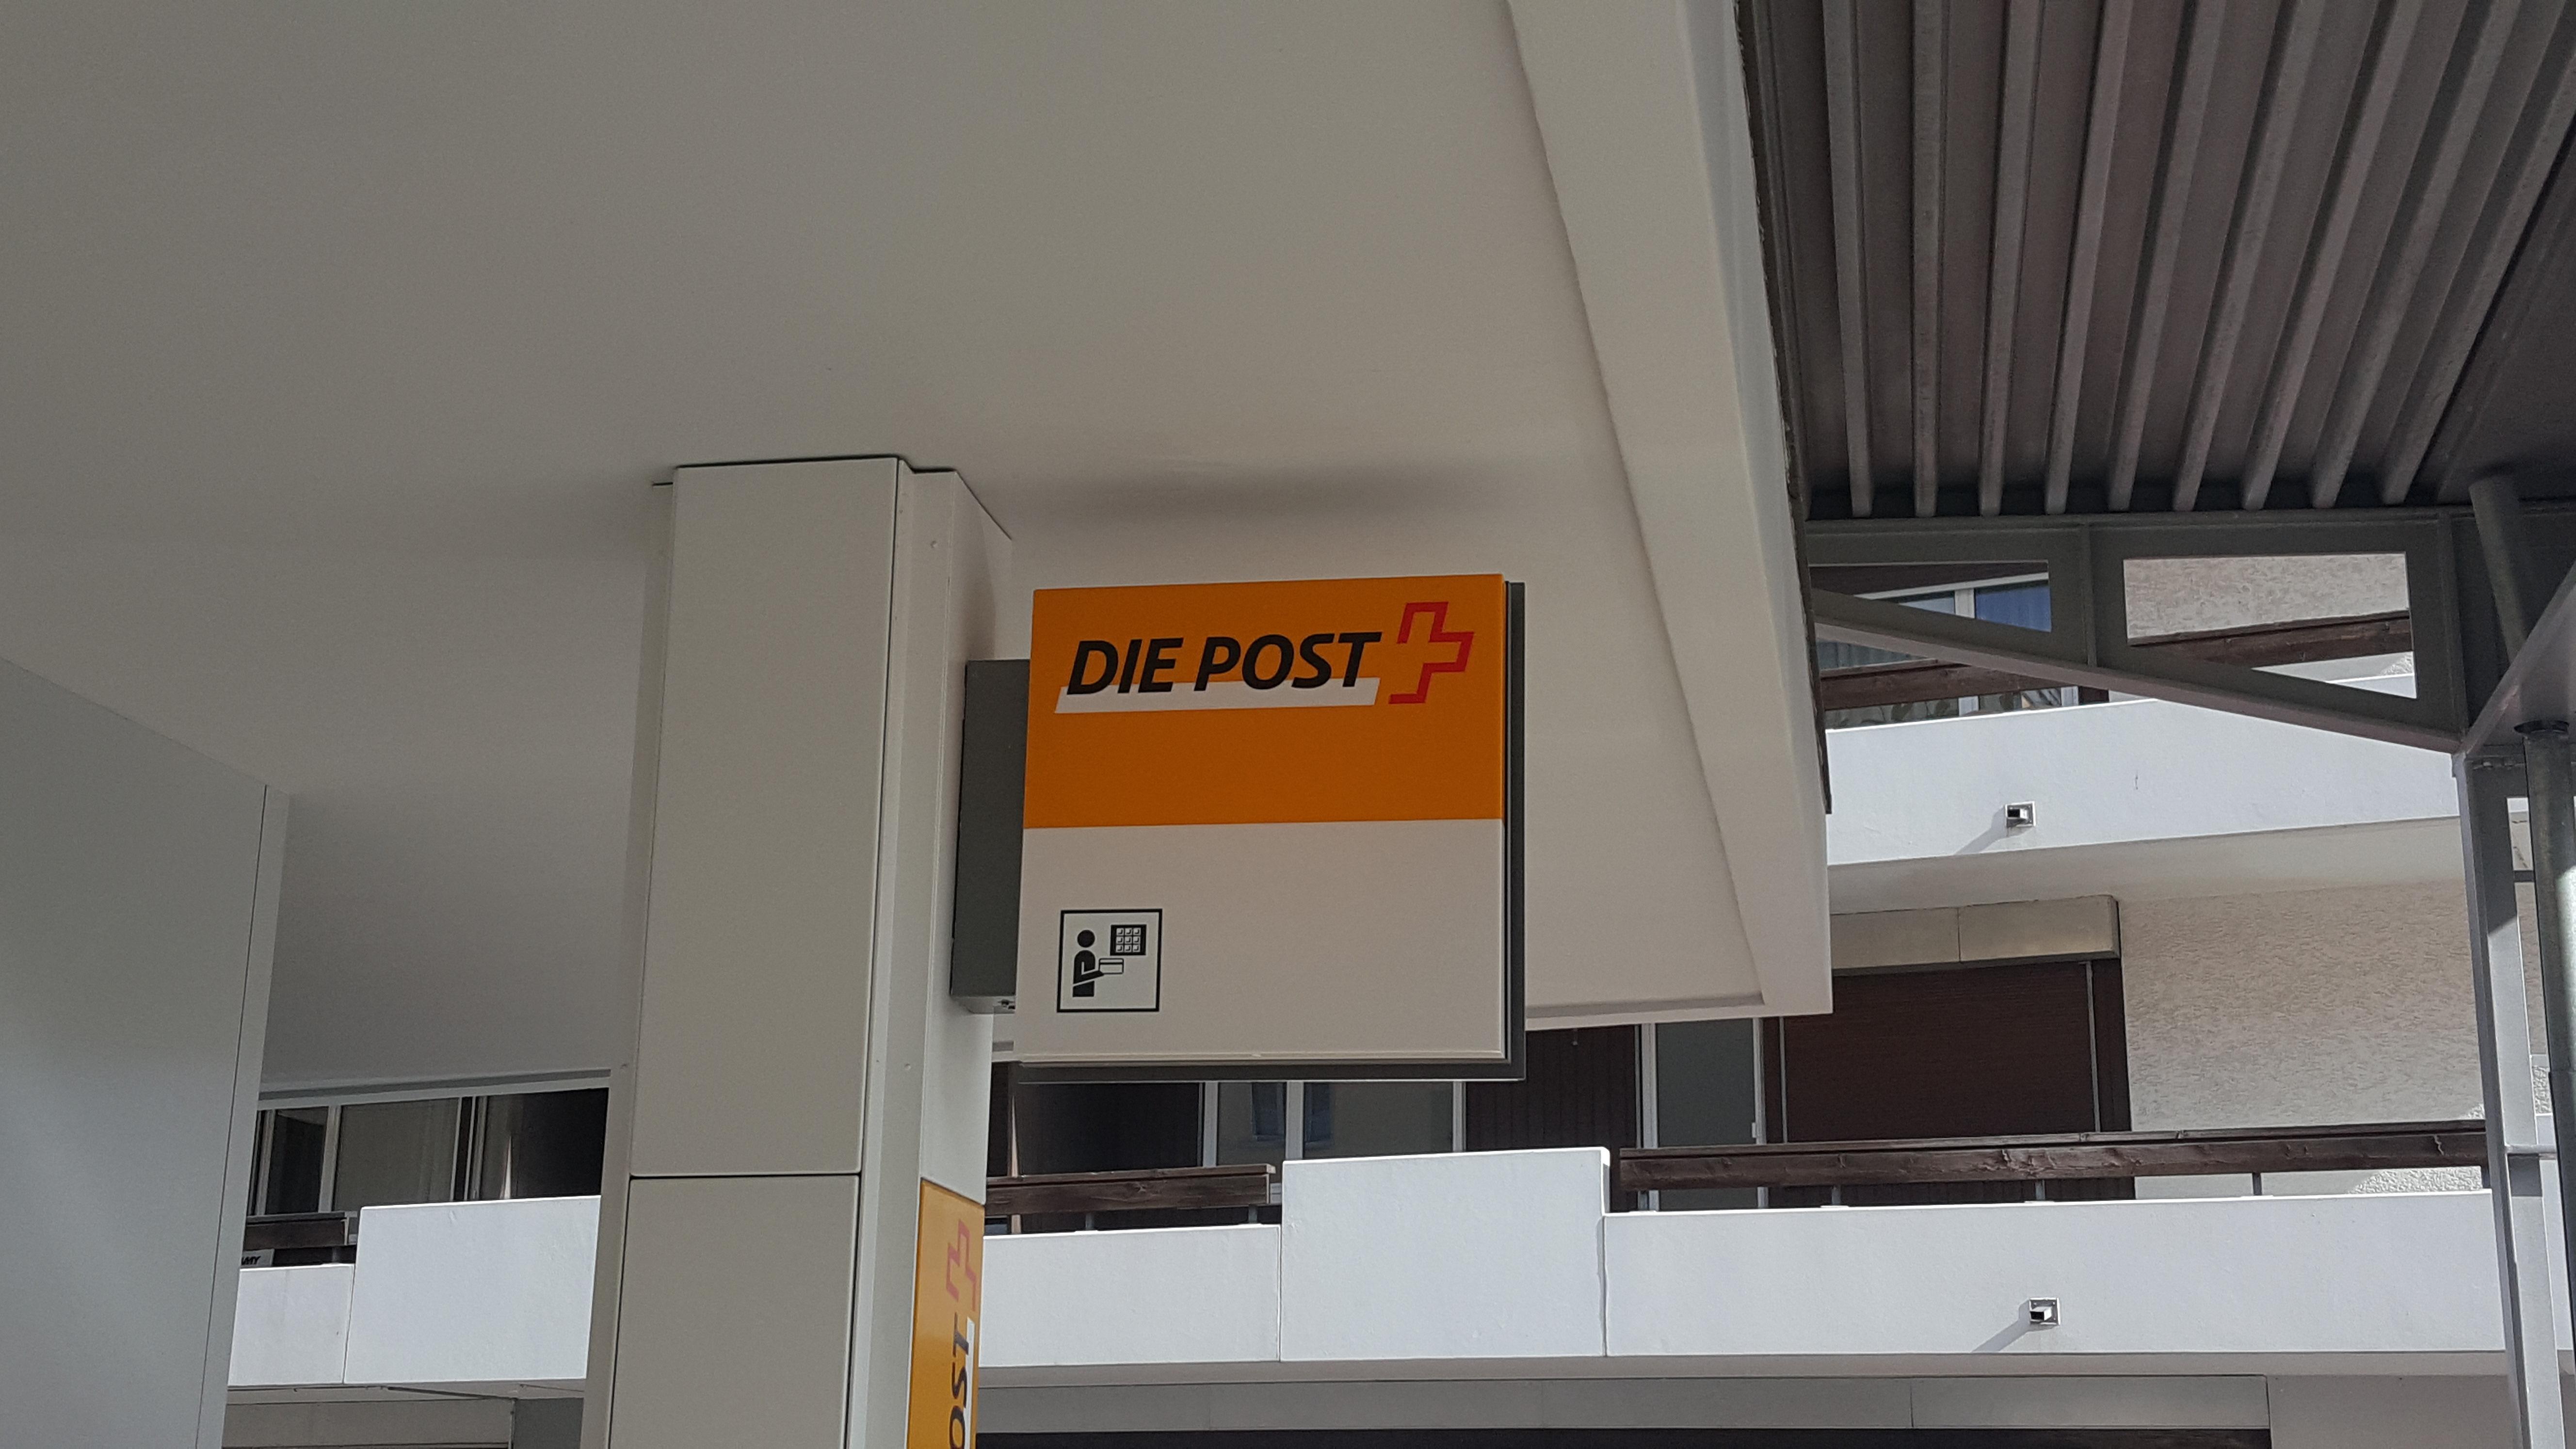 Die Schweizerische Post - Poststelle St. Moritz Bad Slide 1